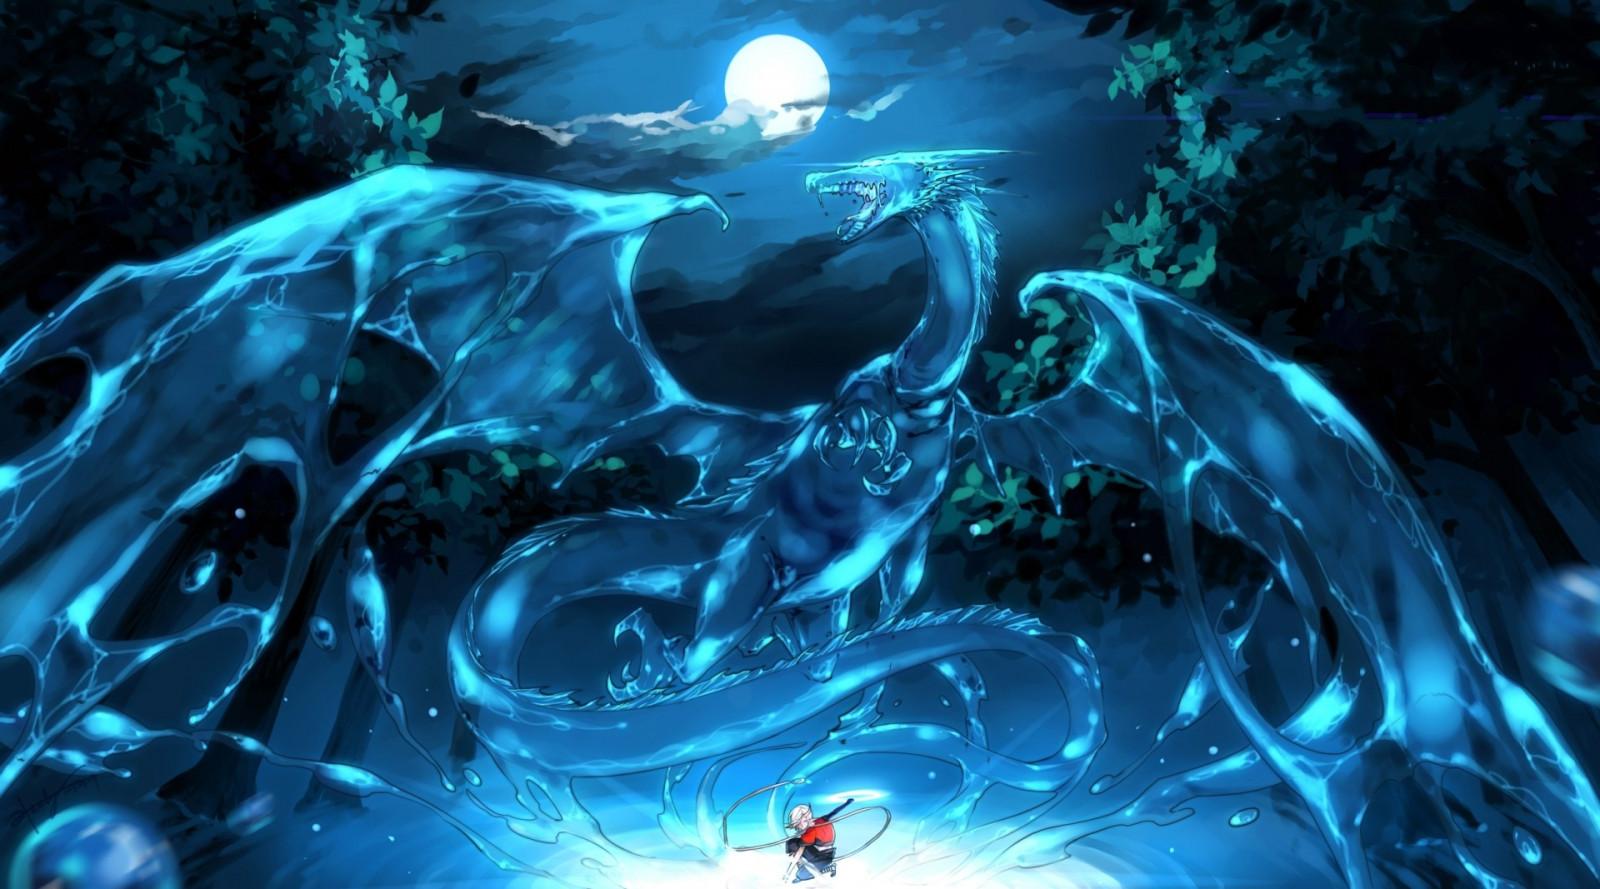 Sfondi Anime Acqua Spazio Cielo Terra Blu Subacqueo Drago